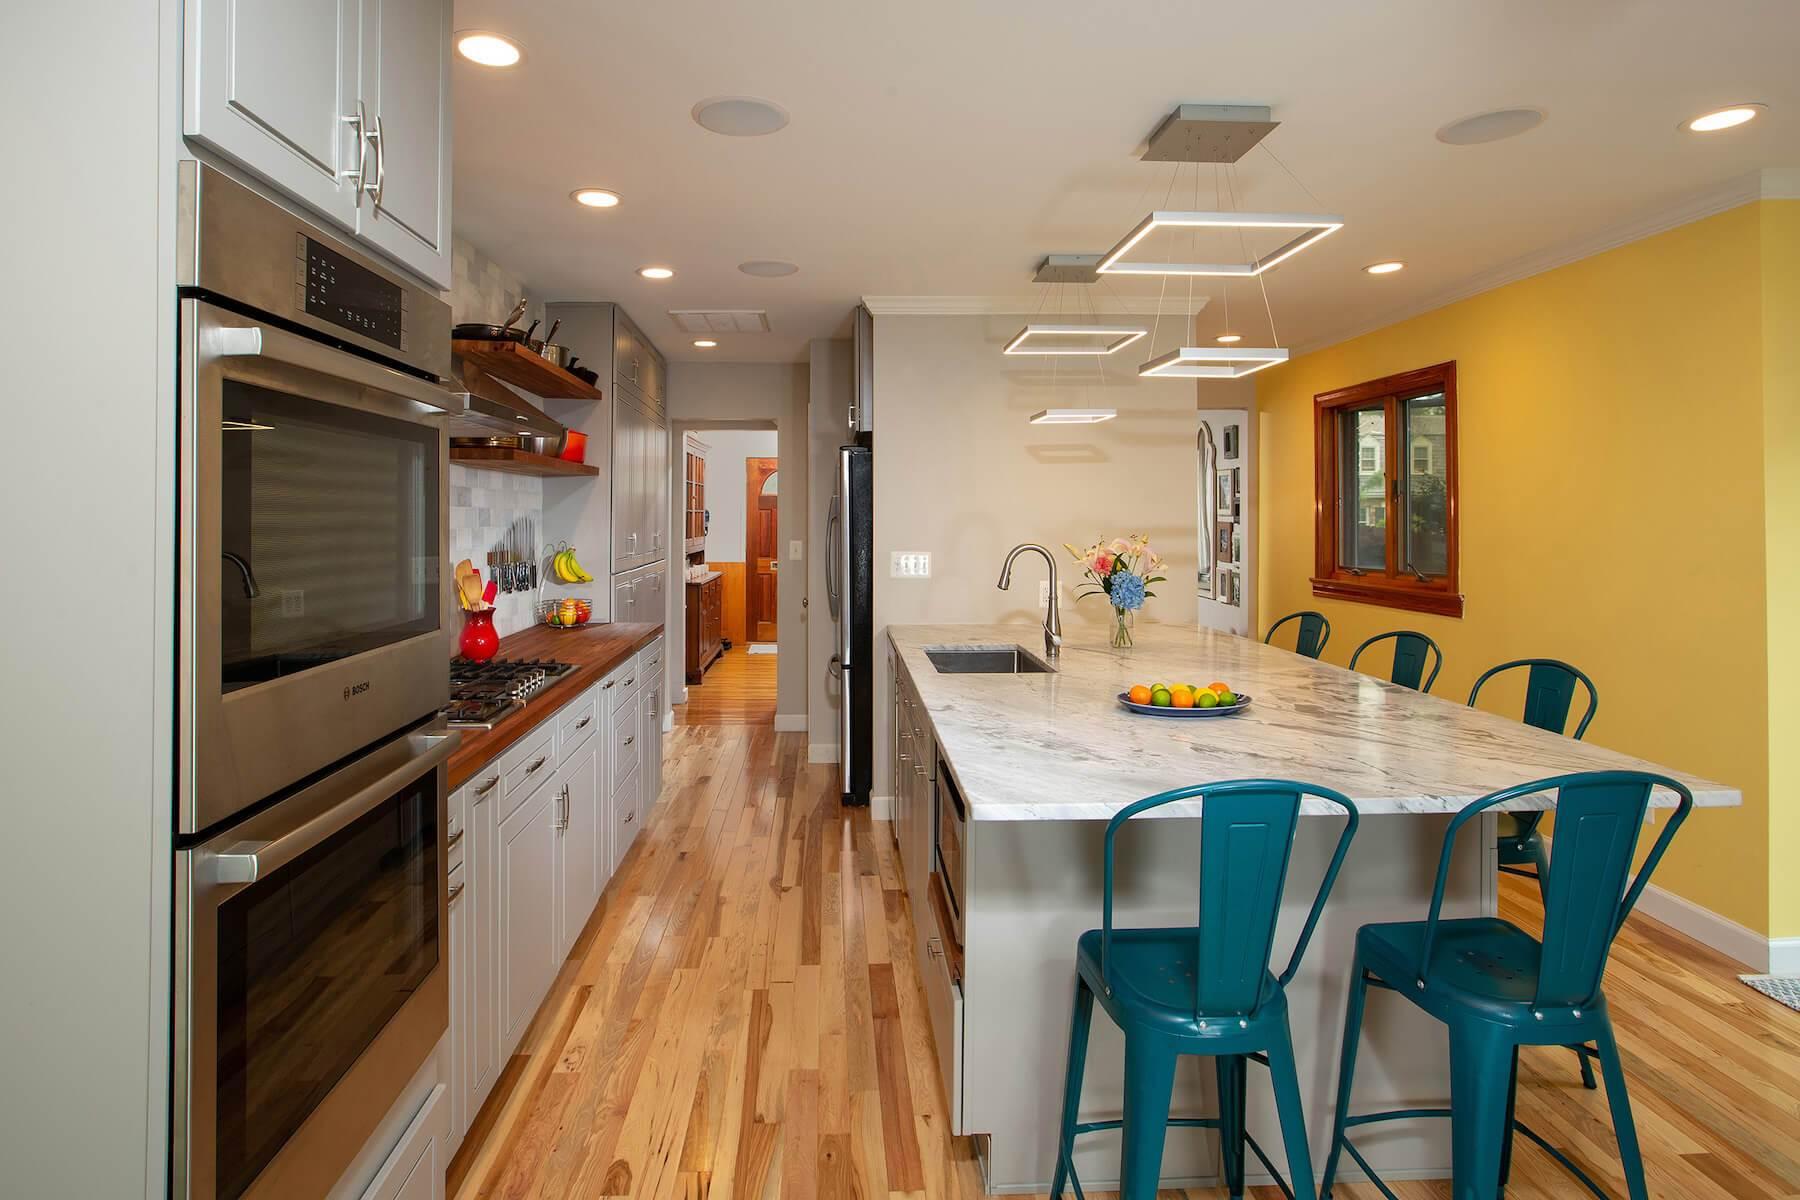 kitchen_L_5-17-19_250-1